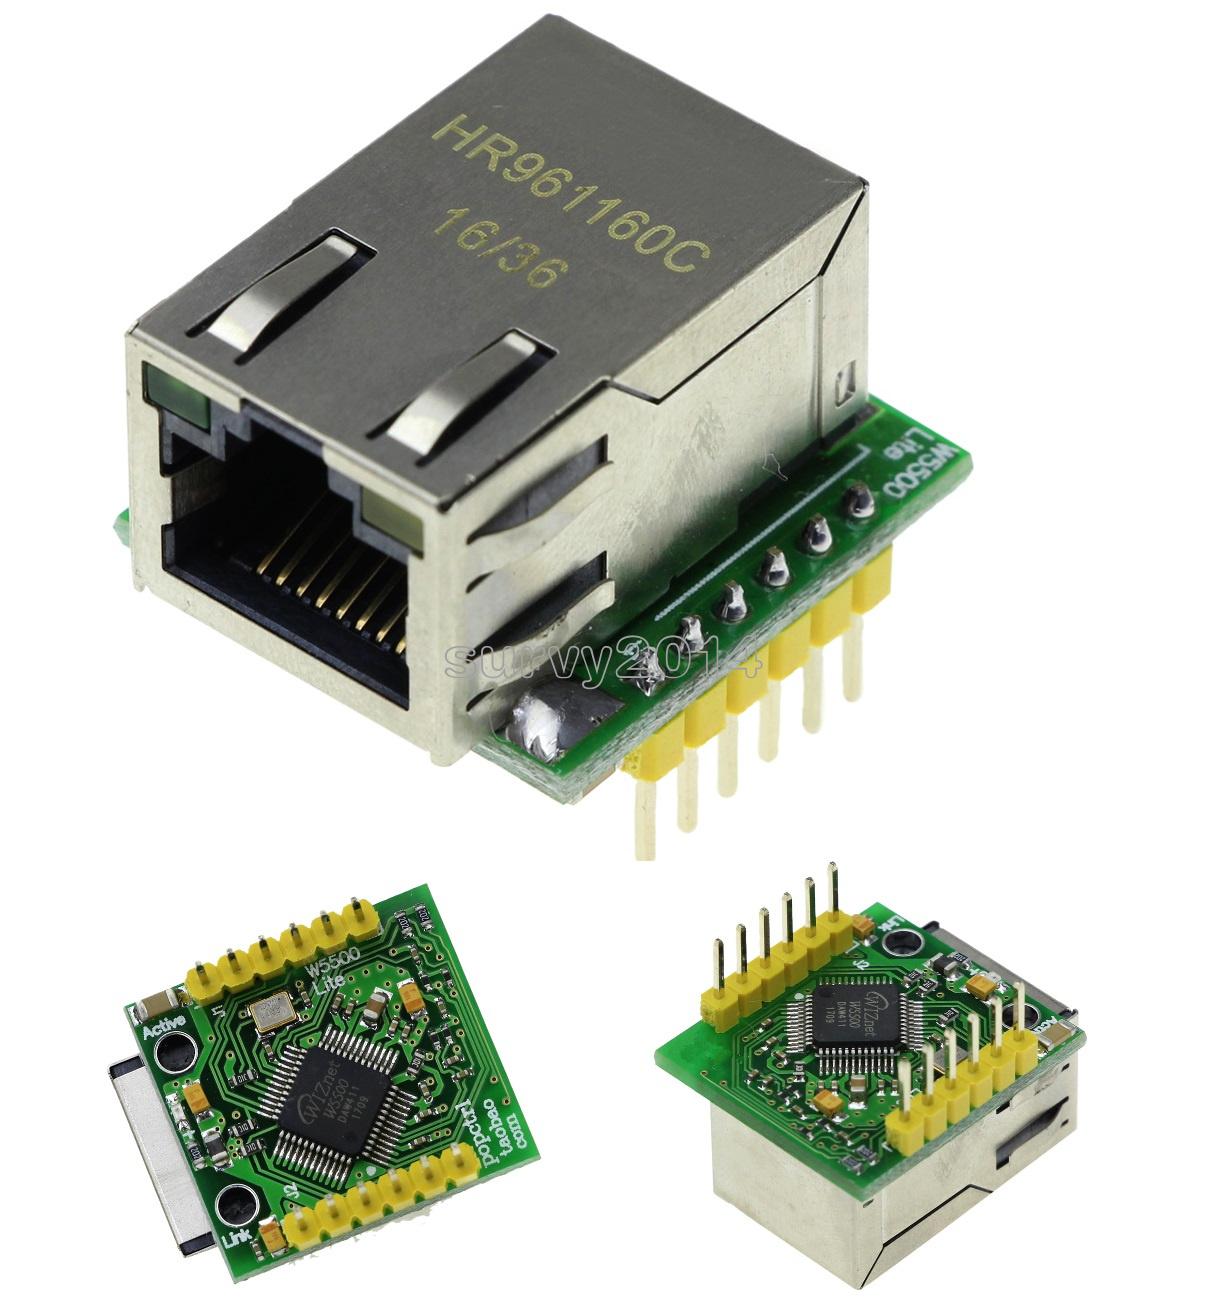 USR-ES1 ENC28J60 W5500 Chip SPI to LAN// Ethernet Converter TCP//IP Module NEW